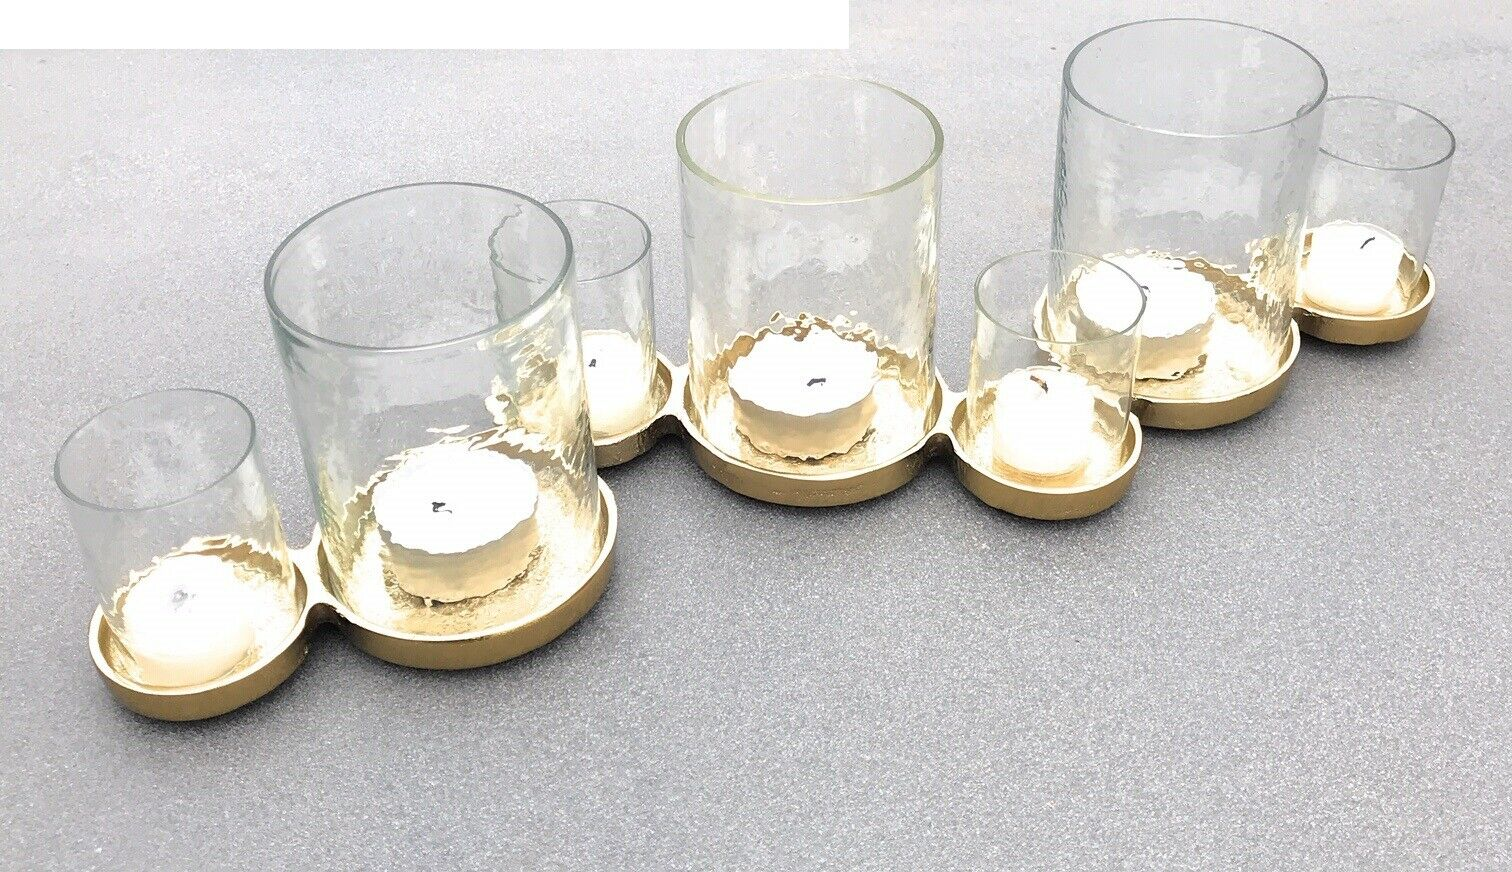 J-Line Teelichthalter Windlicht mit 7 Gläsern Alu Goldfarbend Kerzenhalter 54406